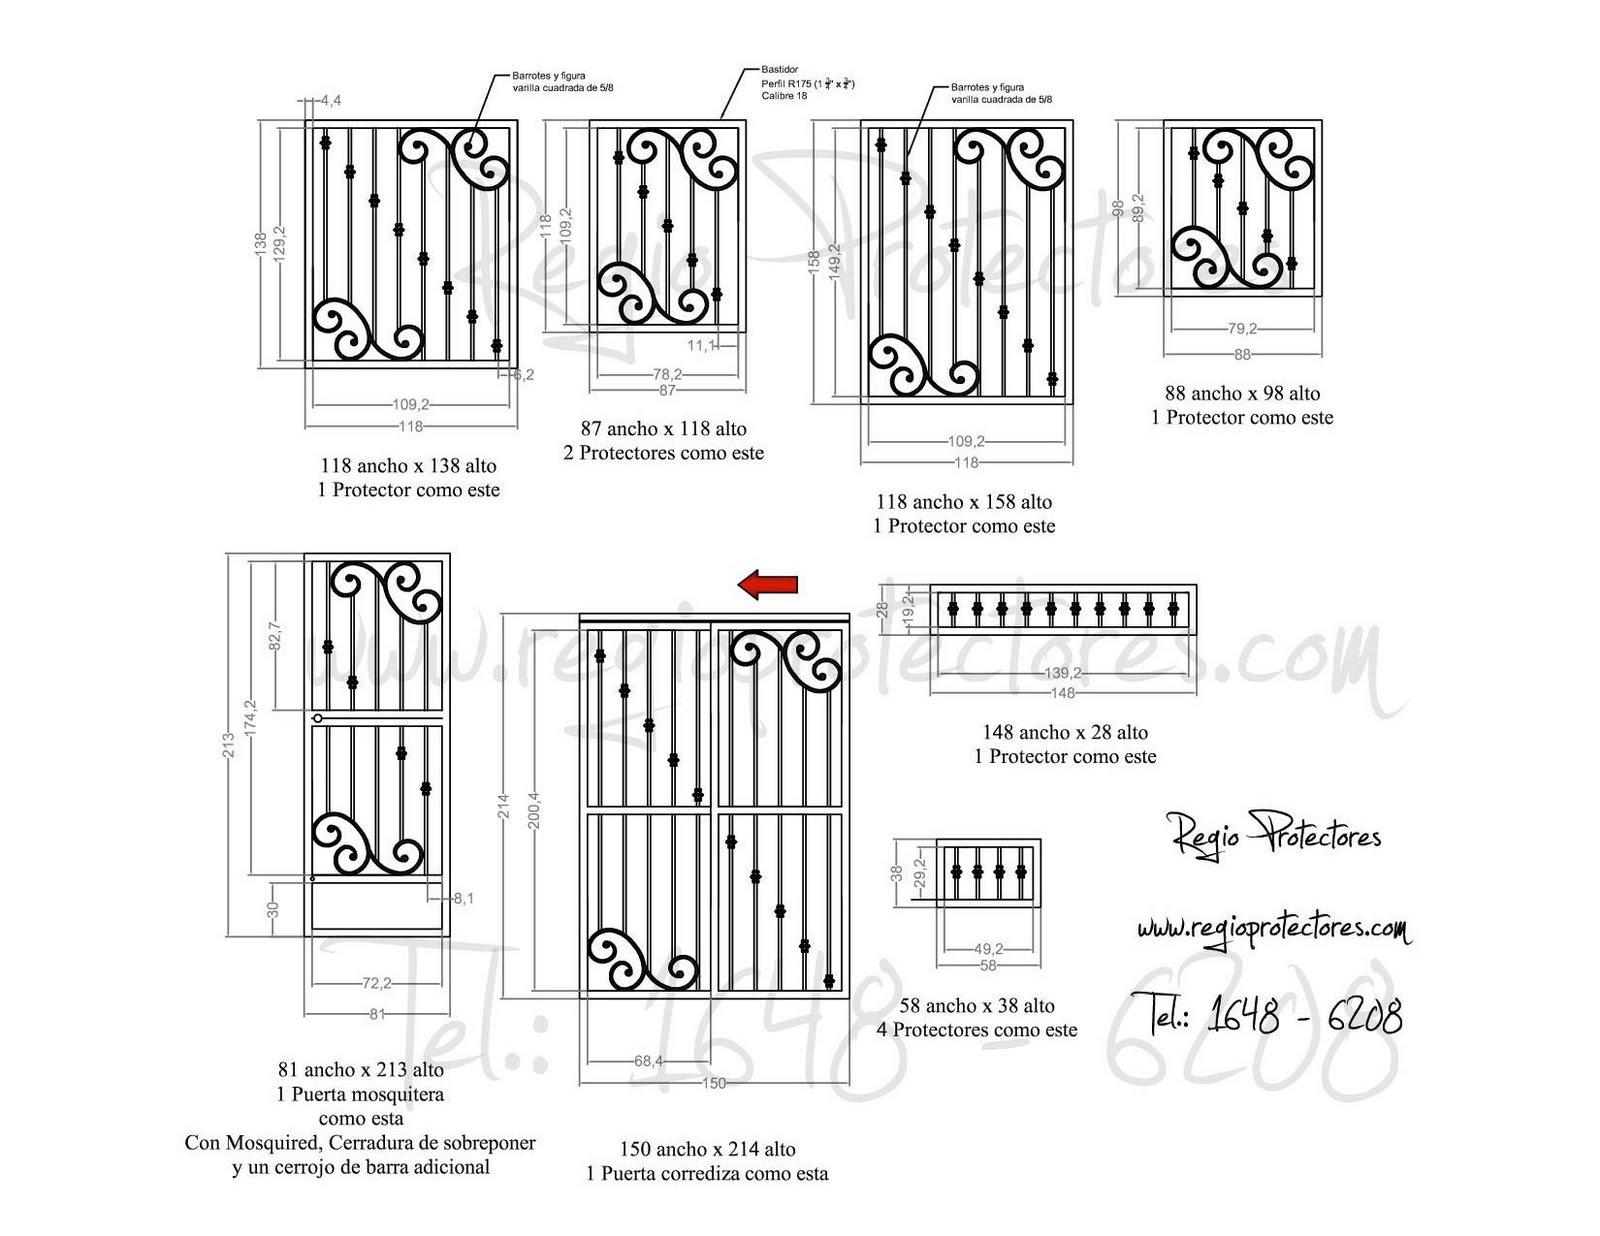 Protectores para ventanas y puertas de hierro forjado, Fracc. Fuentes